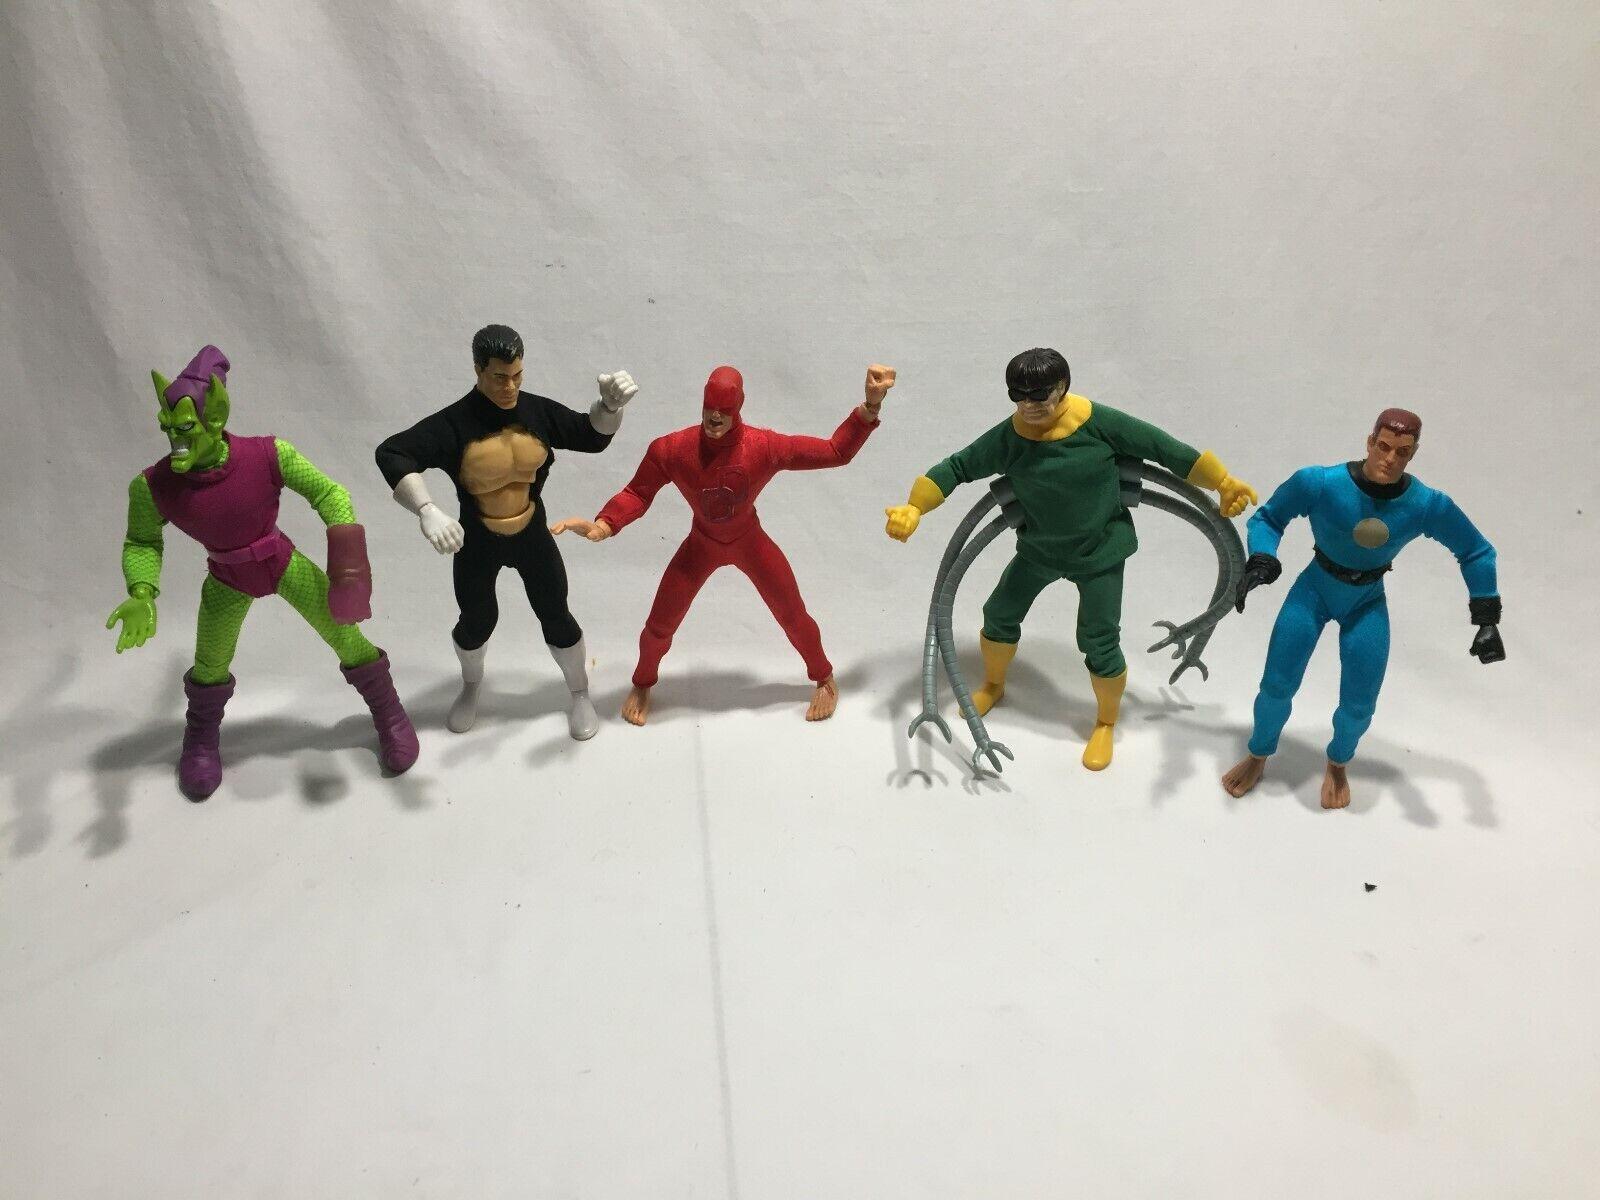 Marvel action figures 9  Dolls Lot of 5 (BATTLE DAMAGED) Mego Style LOT A